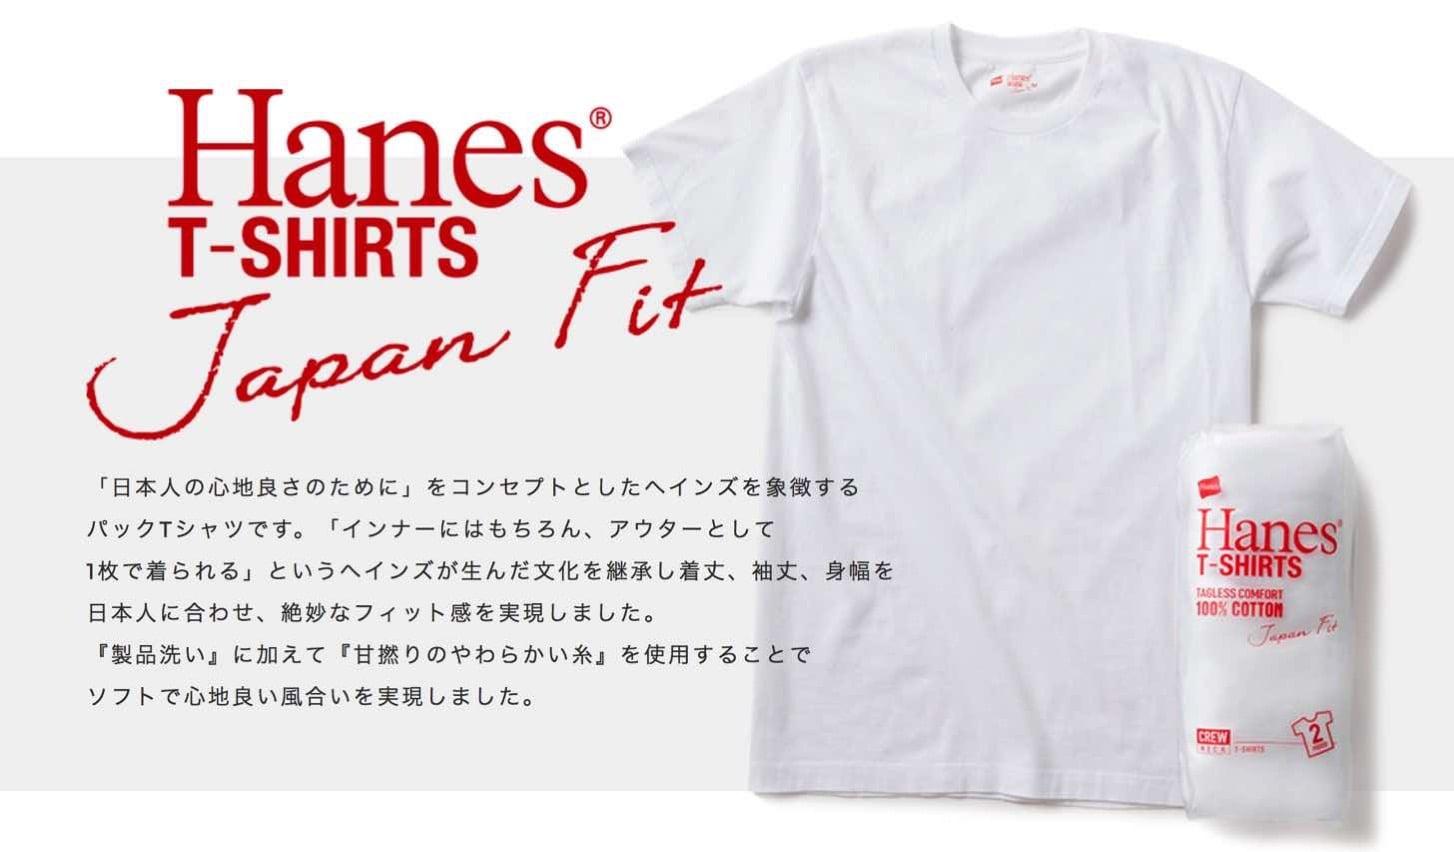 japan fit